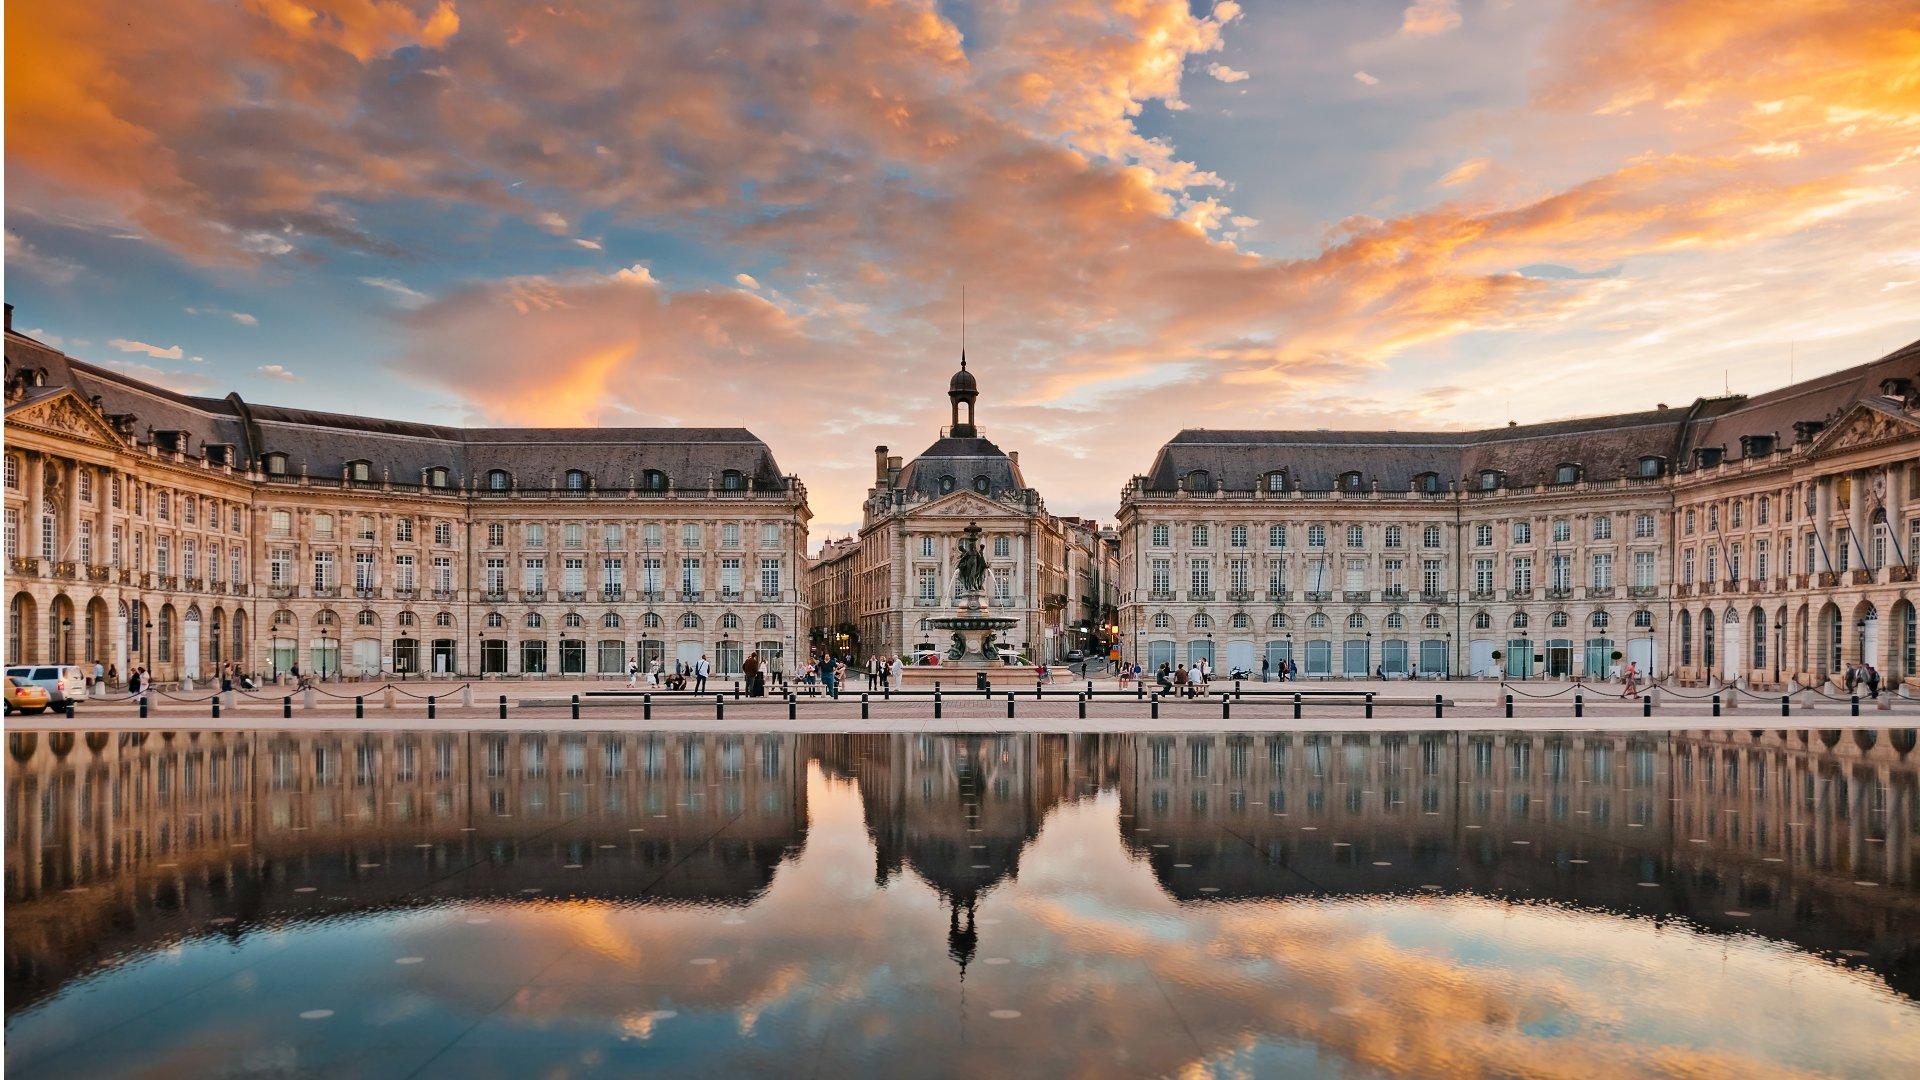 Bordeaux Place de la Bourse Miroir d'Eau top tips to visit